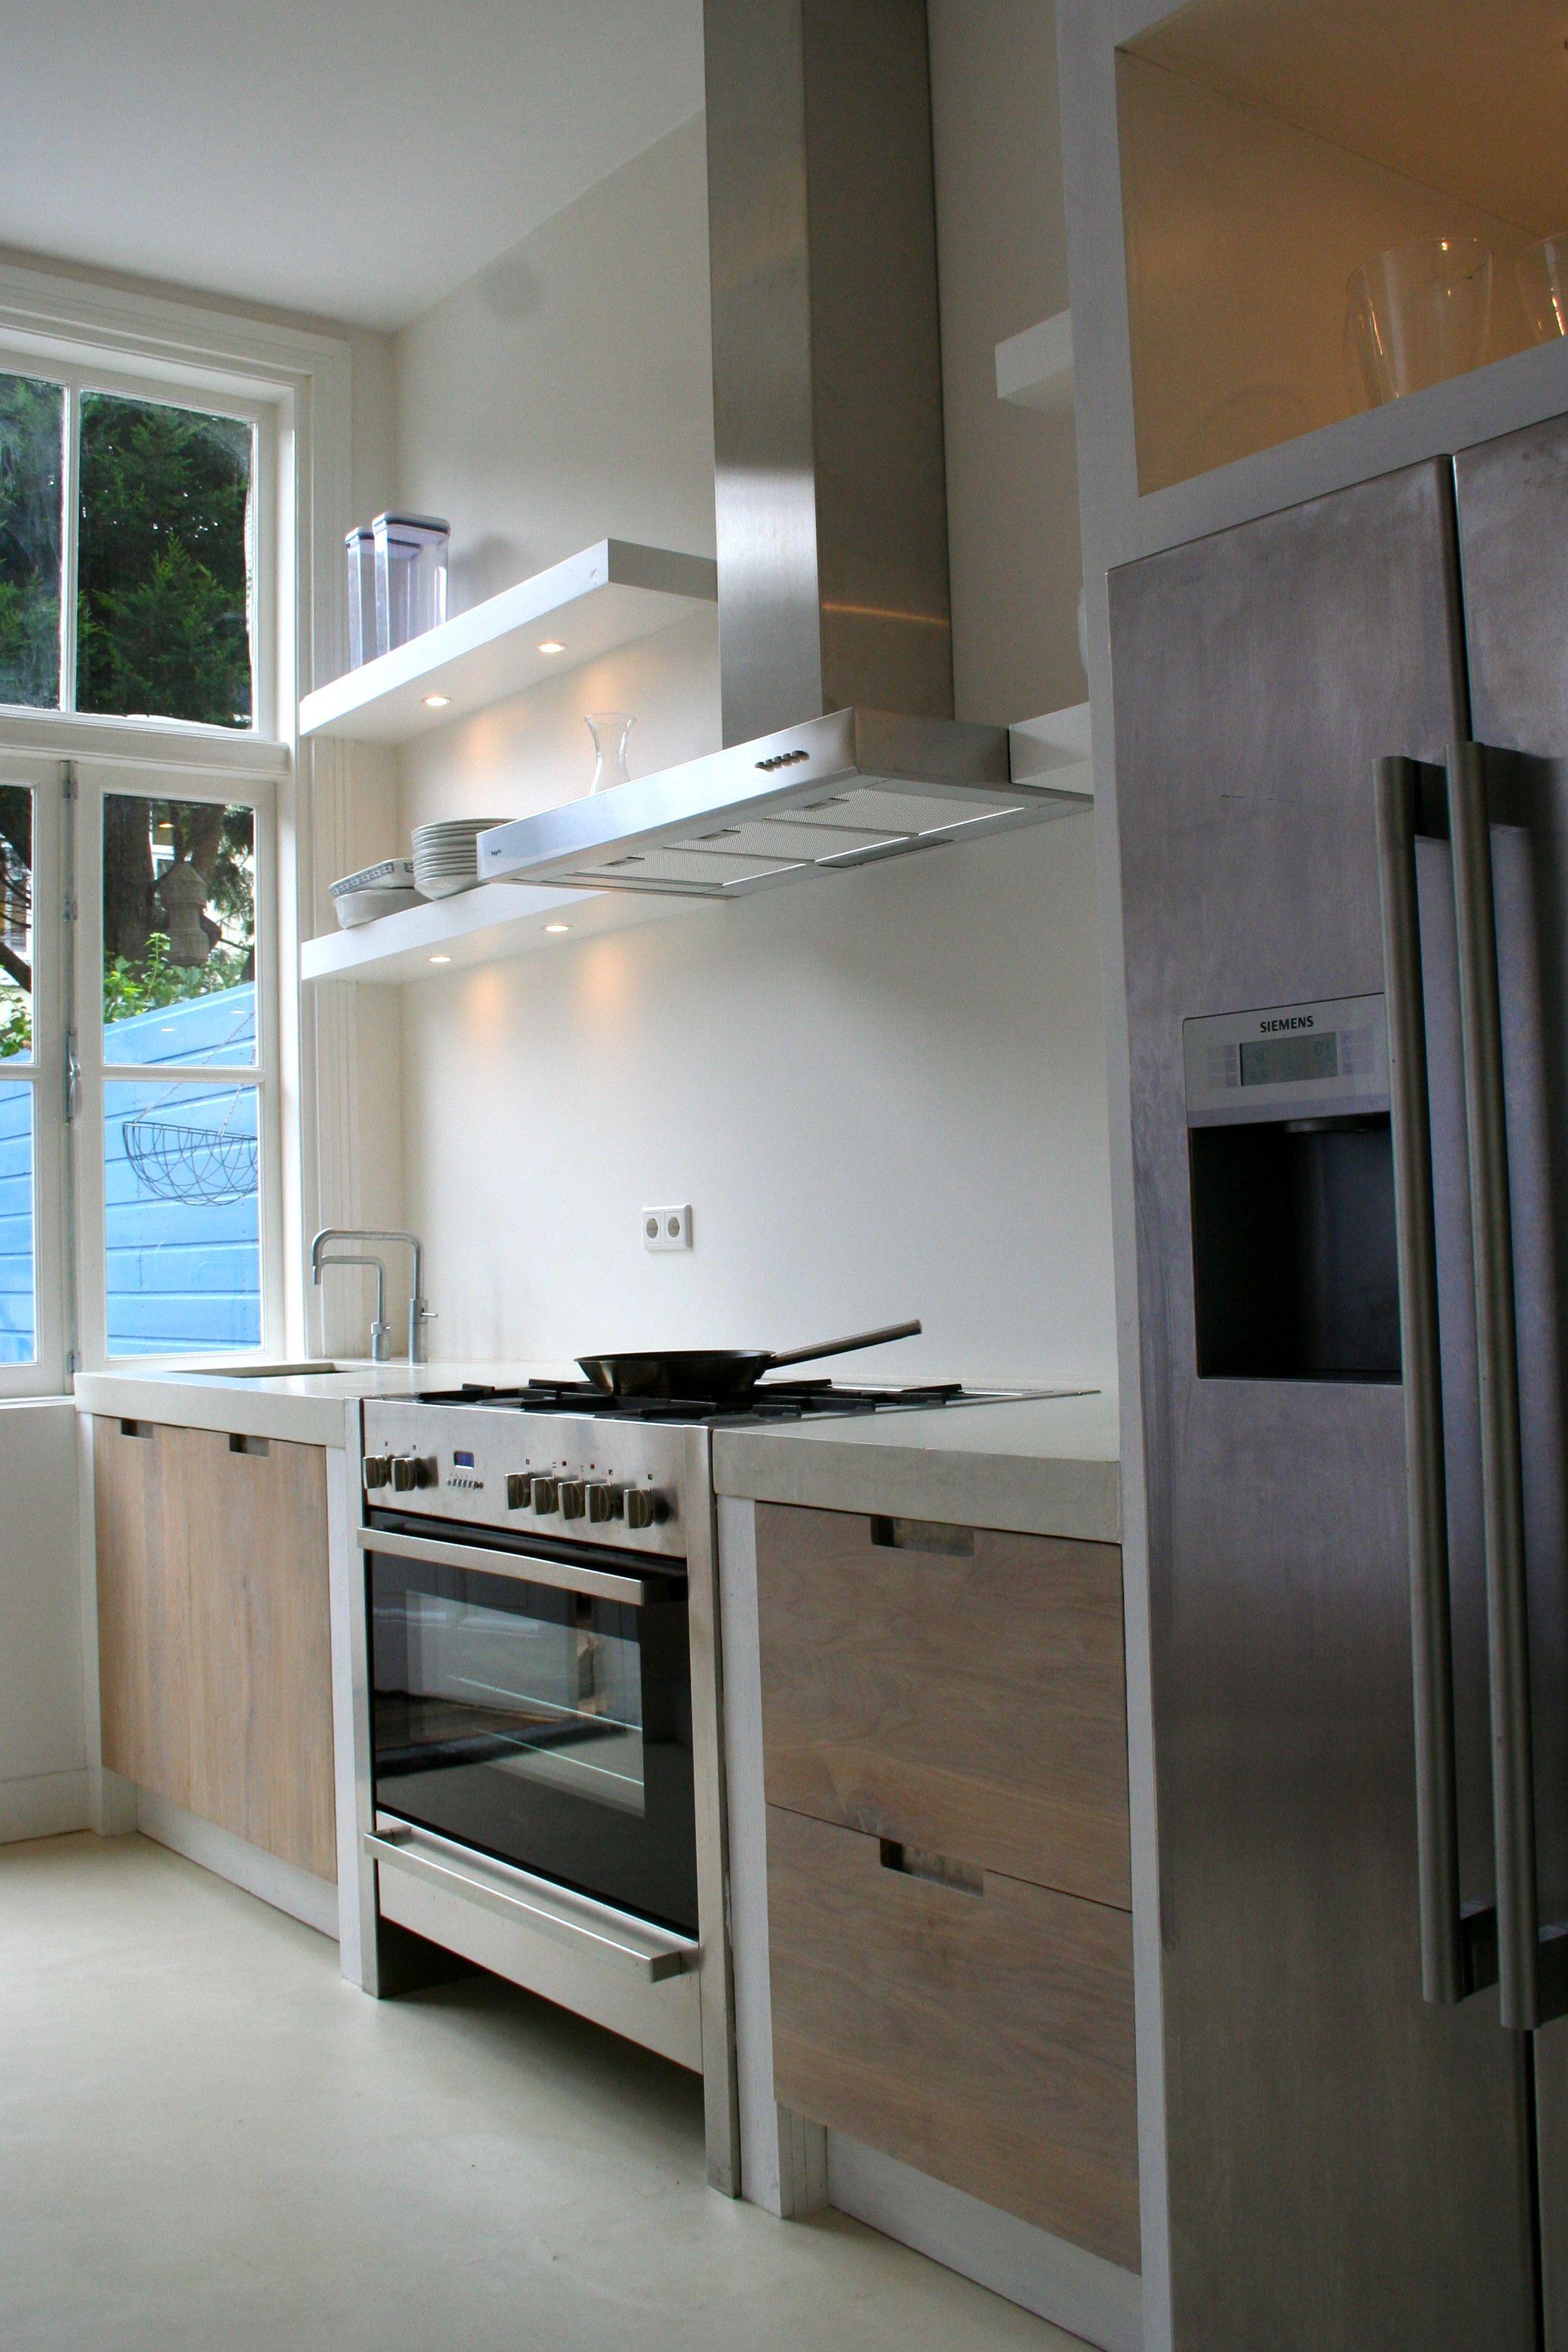 whitewash eiken houten keuken ikea koak design whitewash